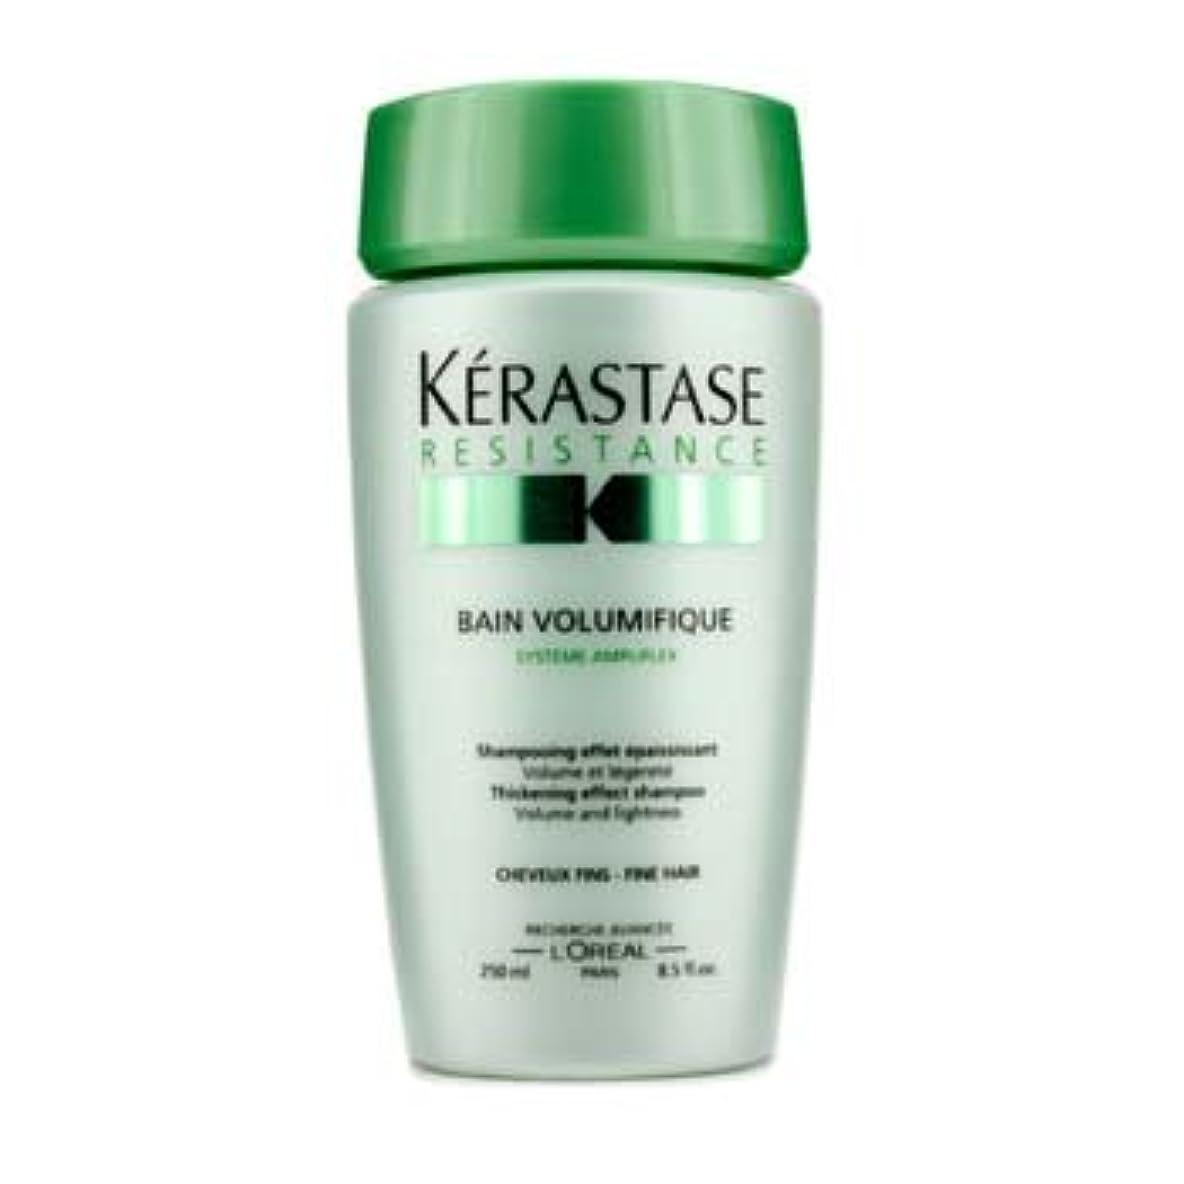 シャワー任意パンダ[Kerastase] Resistance Bain Volumifique Thickening Effect Shampoo (For Fine Hair) 250ml/8.5oz